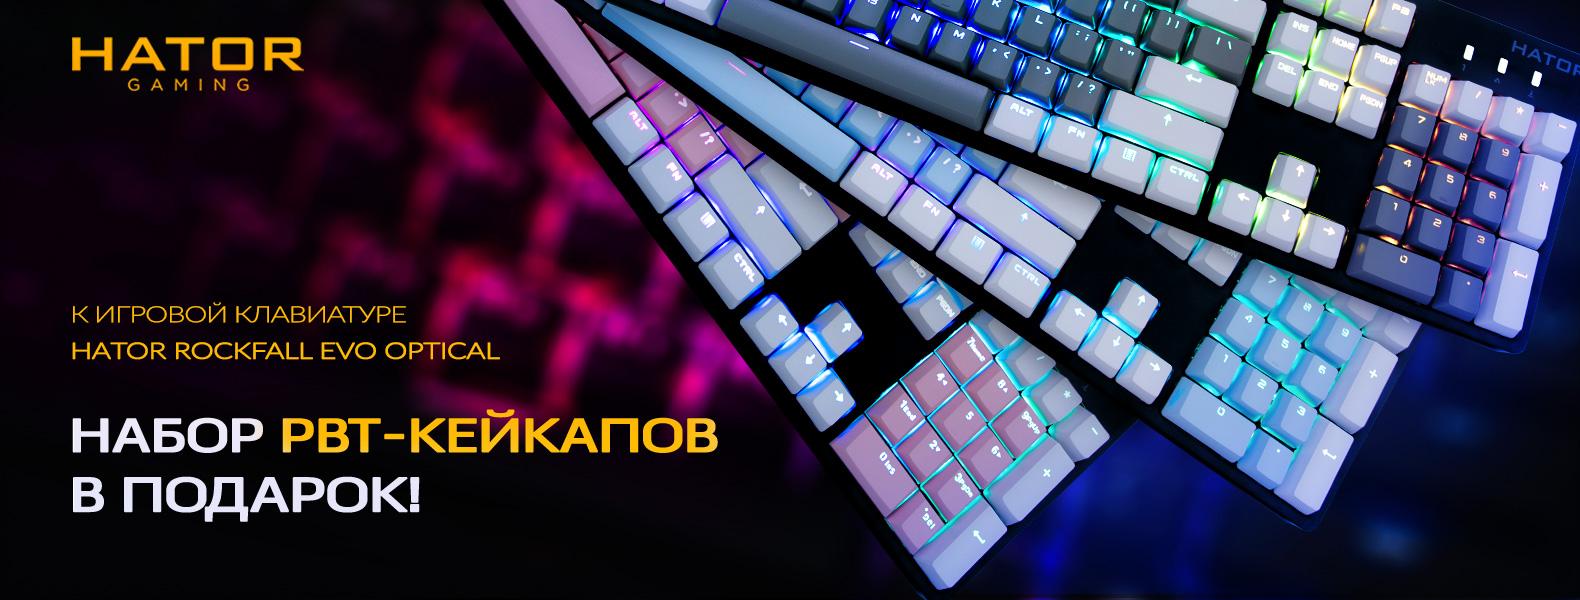 При покупке клавиатуры Hator Rockfall EVO получаете в подарок набор PBT-кейкапов